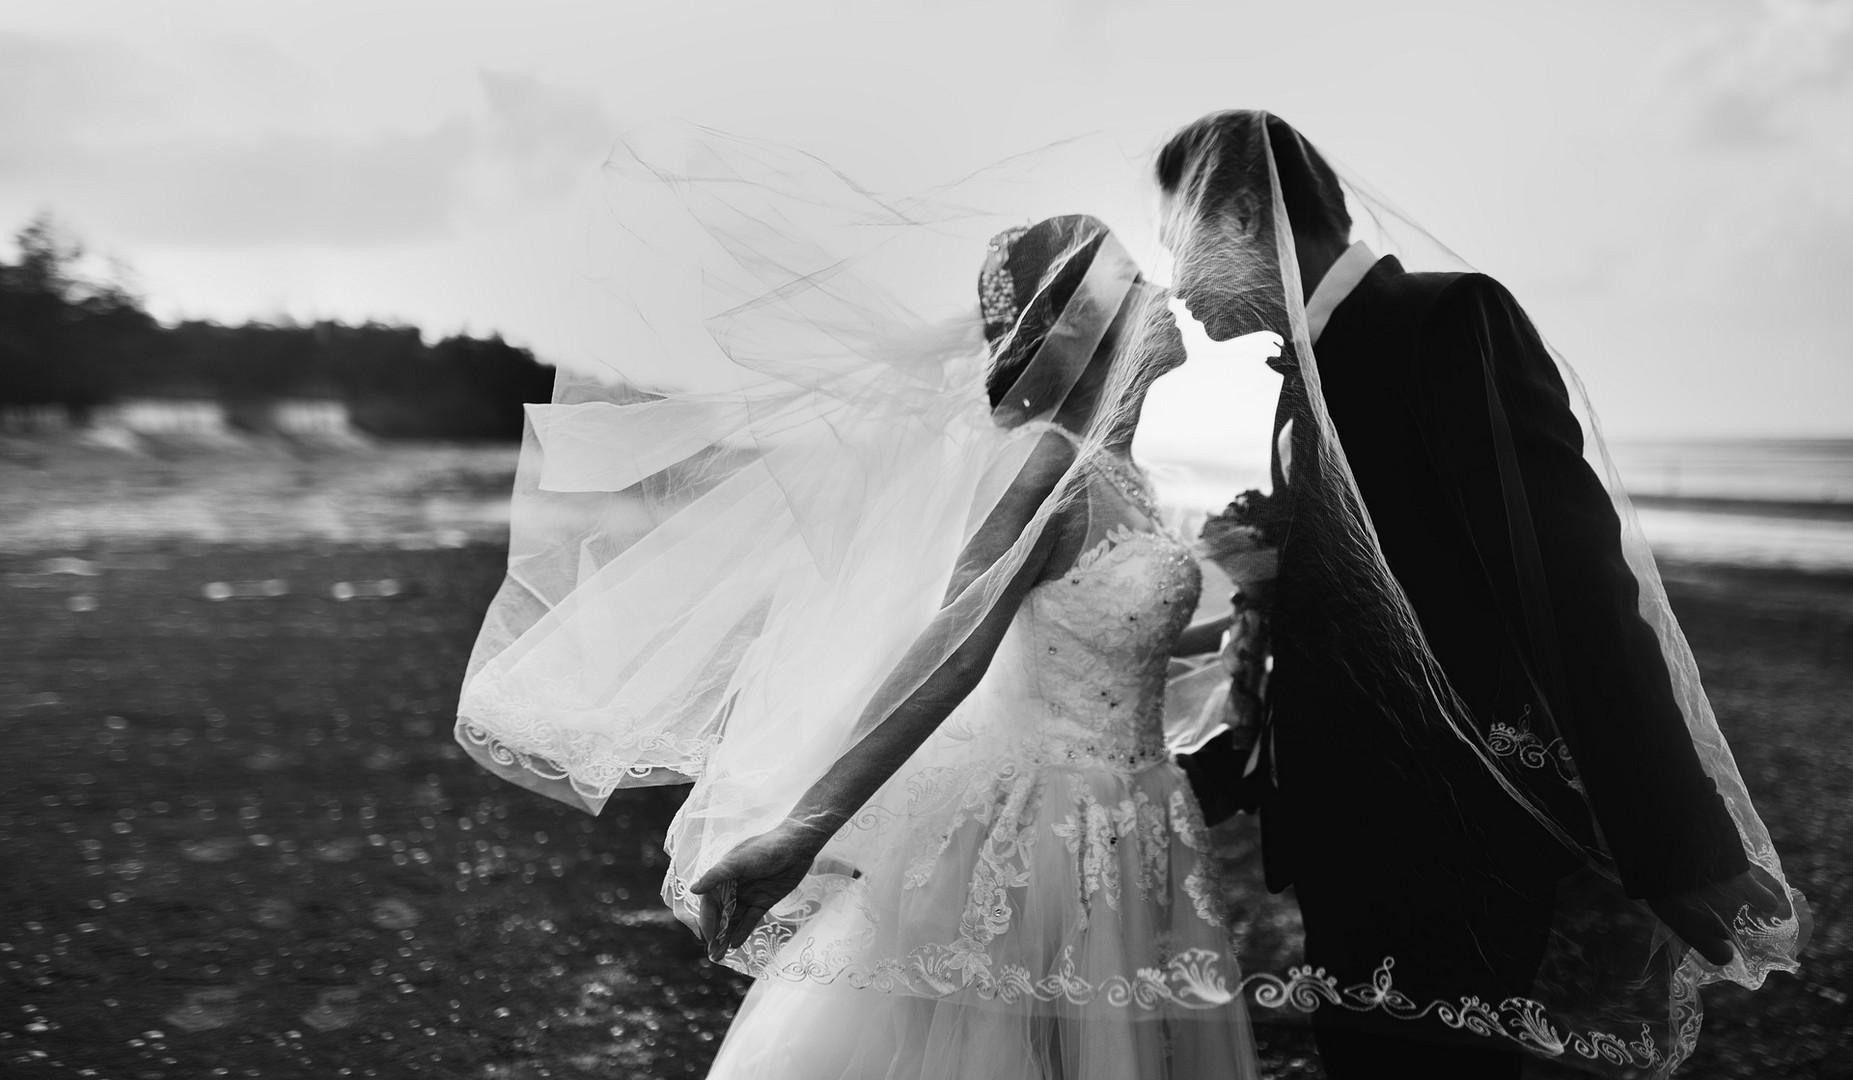 Как заново влюбить в себя мужа: 5 верных шагов и советы психолога